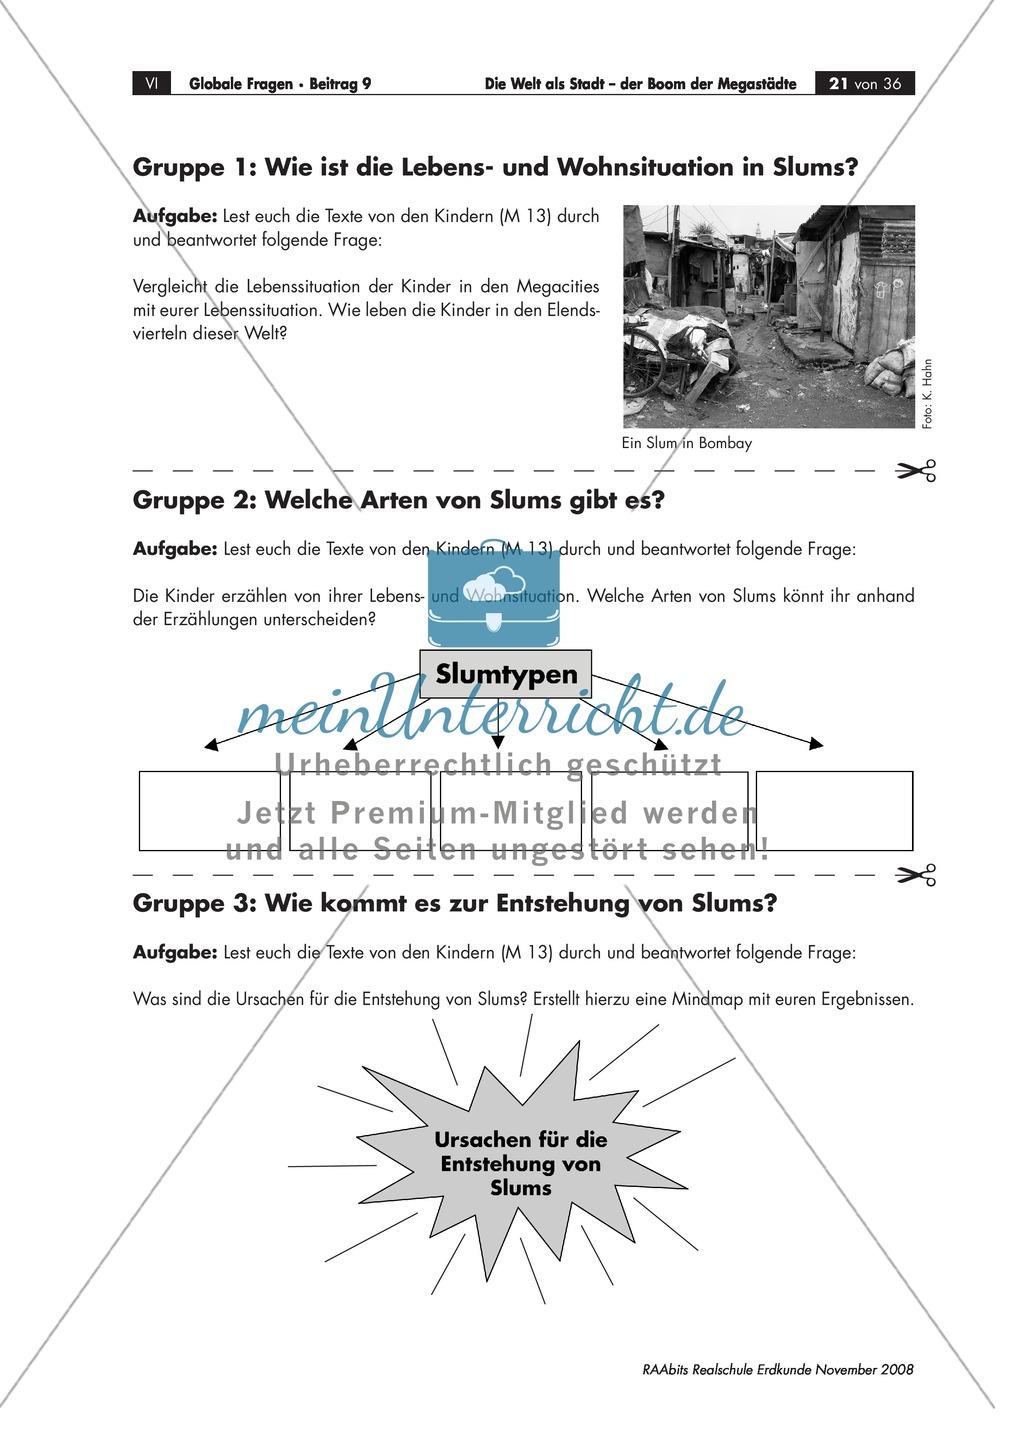 Slums in Megacities: Definition erarbeiten + Lebensbedingungen in Slums erörtern Preview 2